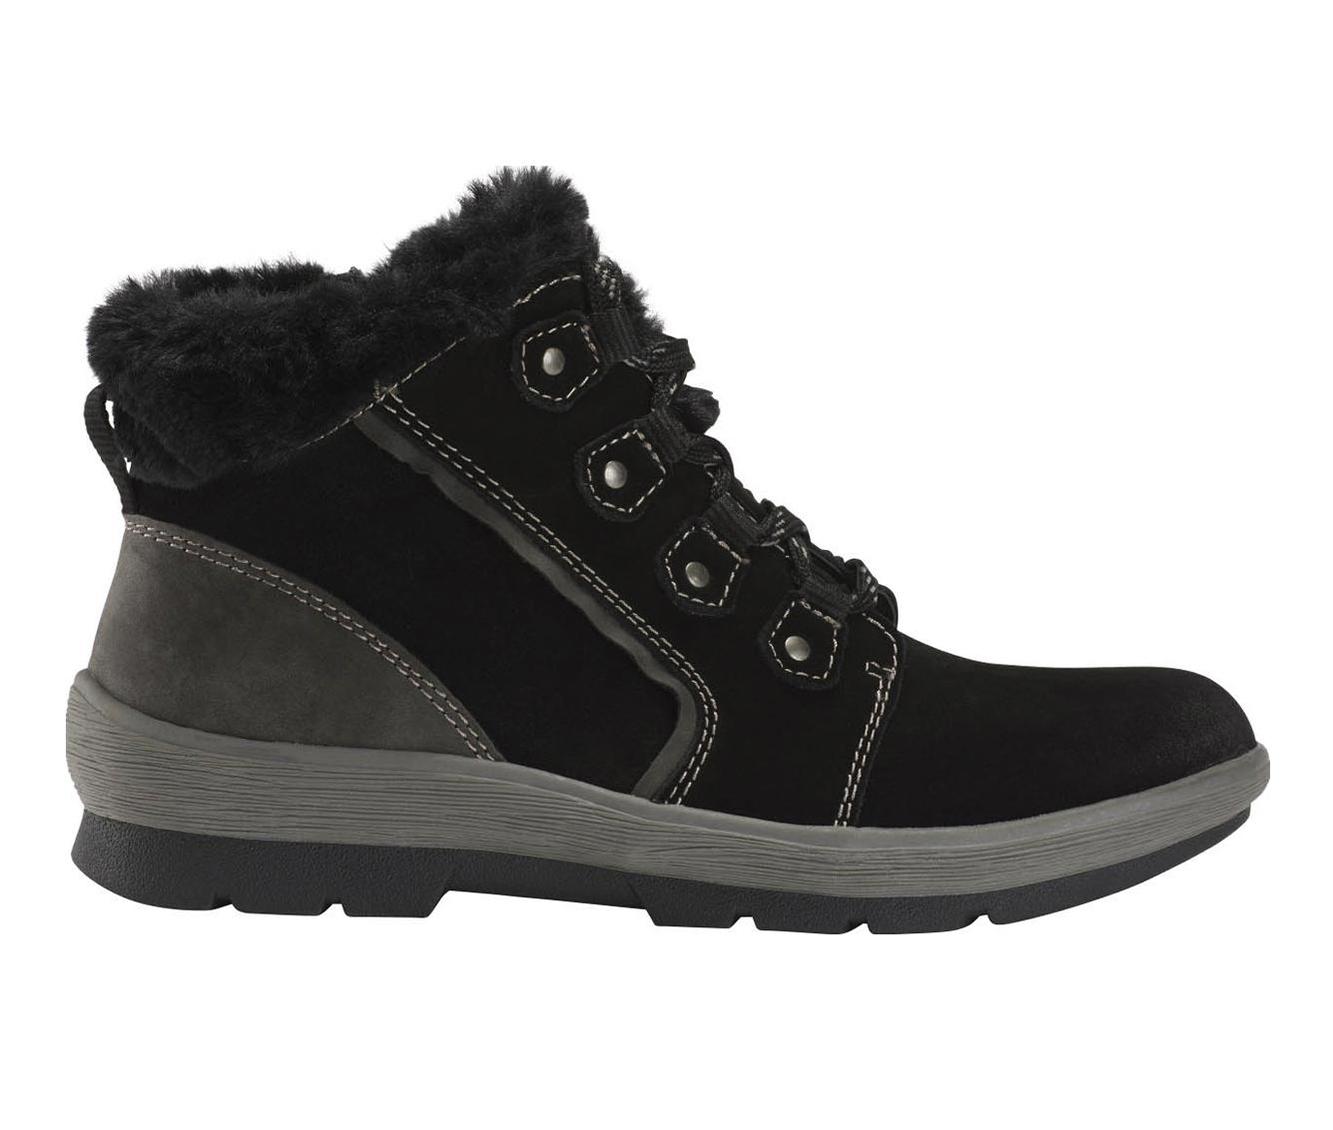 Earth Origins Sherpa Scarlett Women's Boots (Black - Suede)